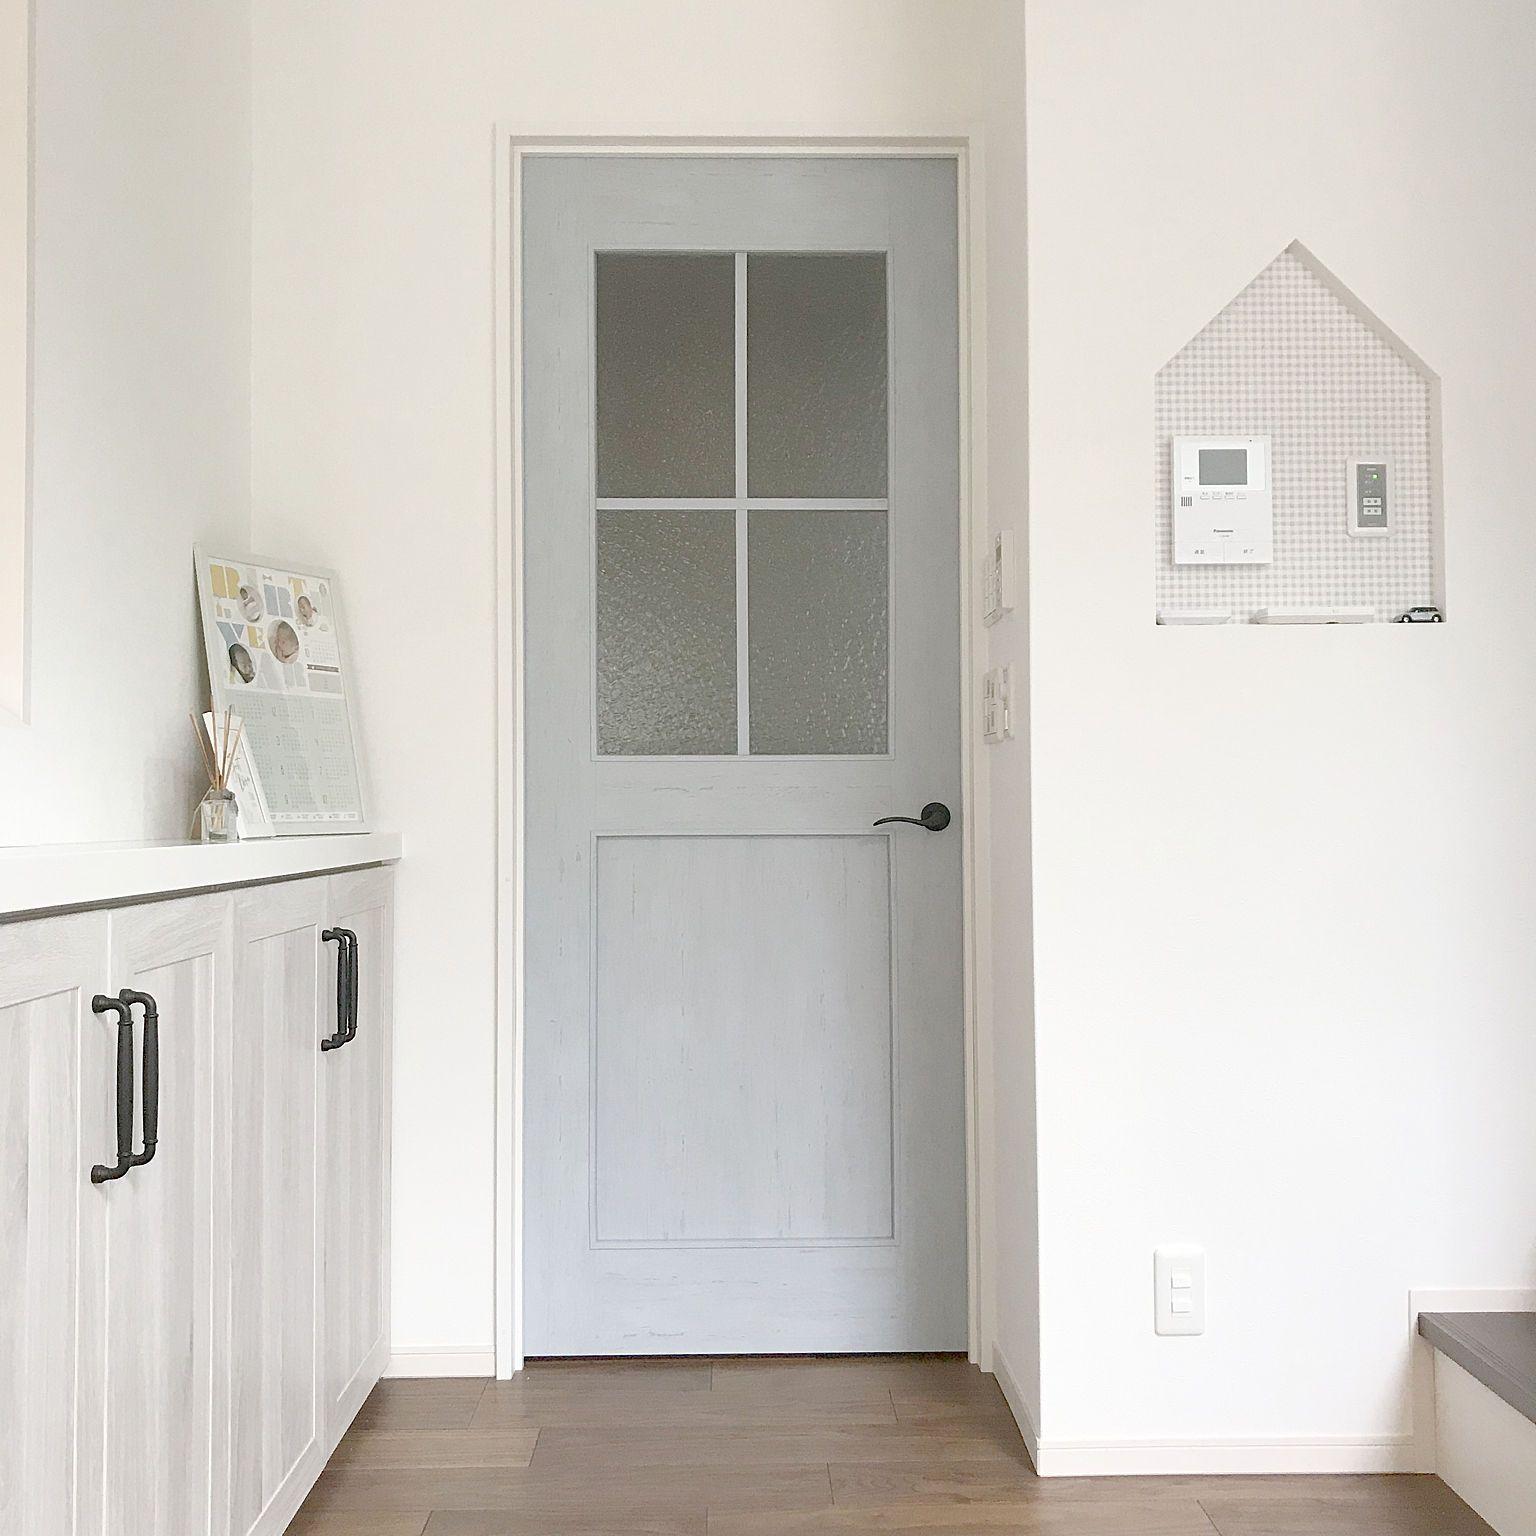 玄関 入り口 Lixil ペニンシュラキッチン リシェルsi ホワイトオーク